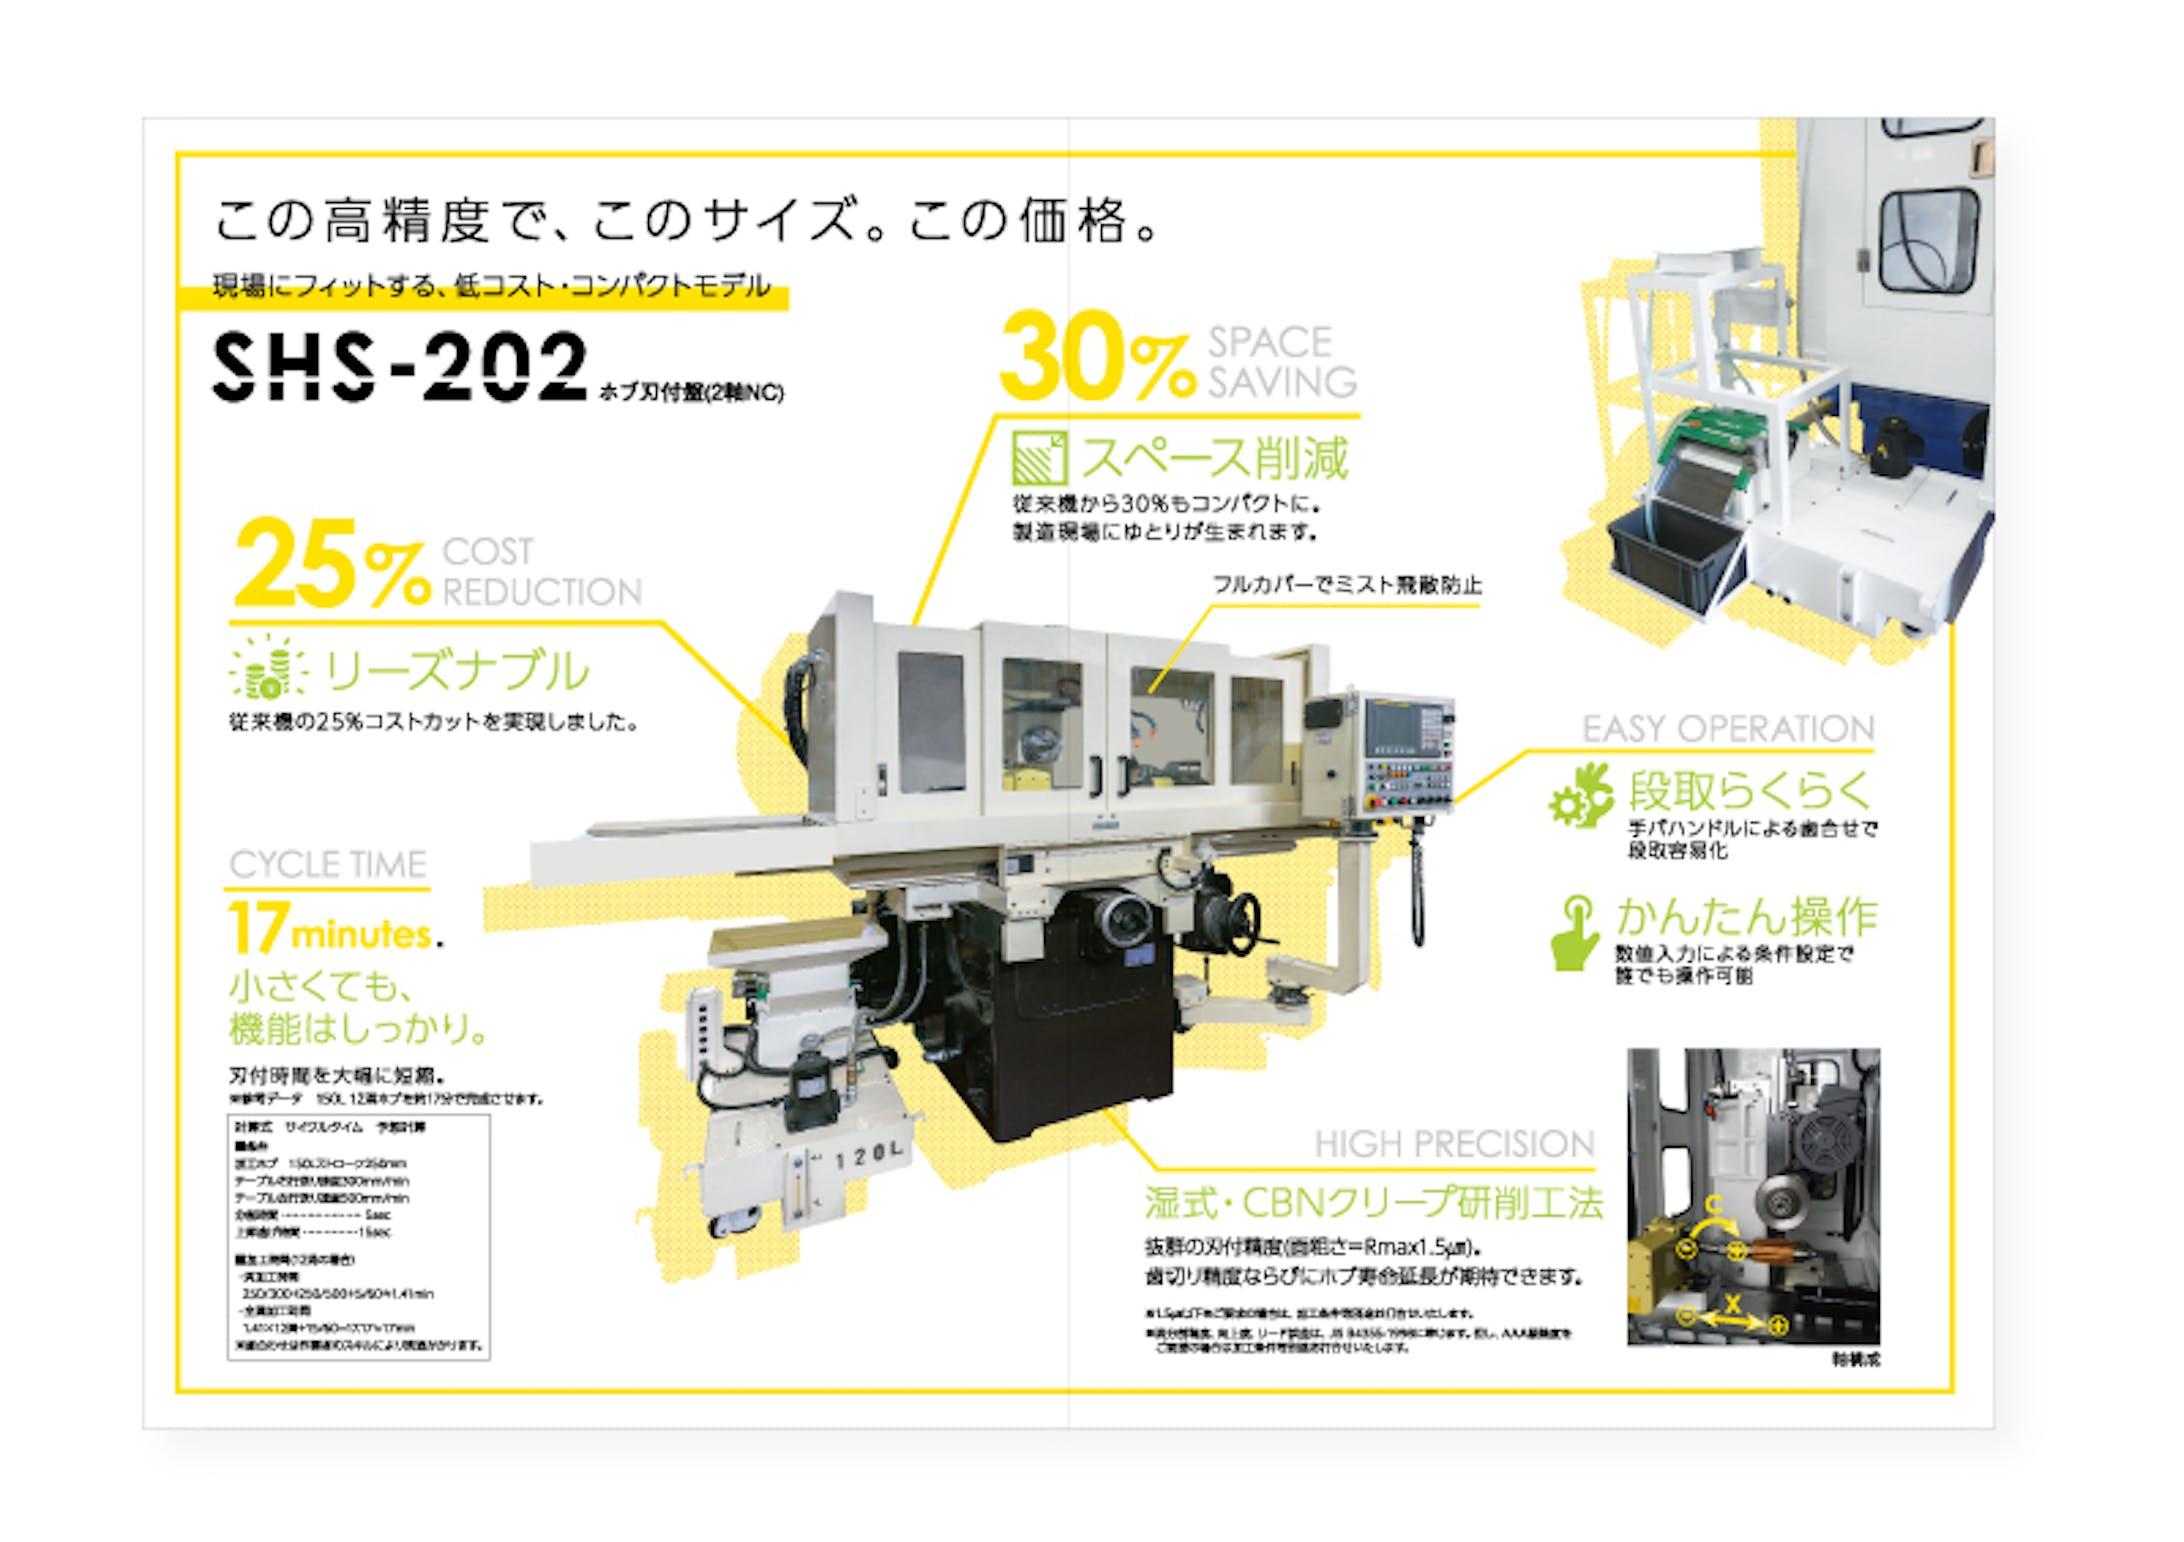 三和精機株式会社 SHS-202 製品パンフレット-2